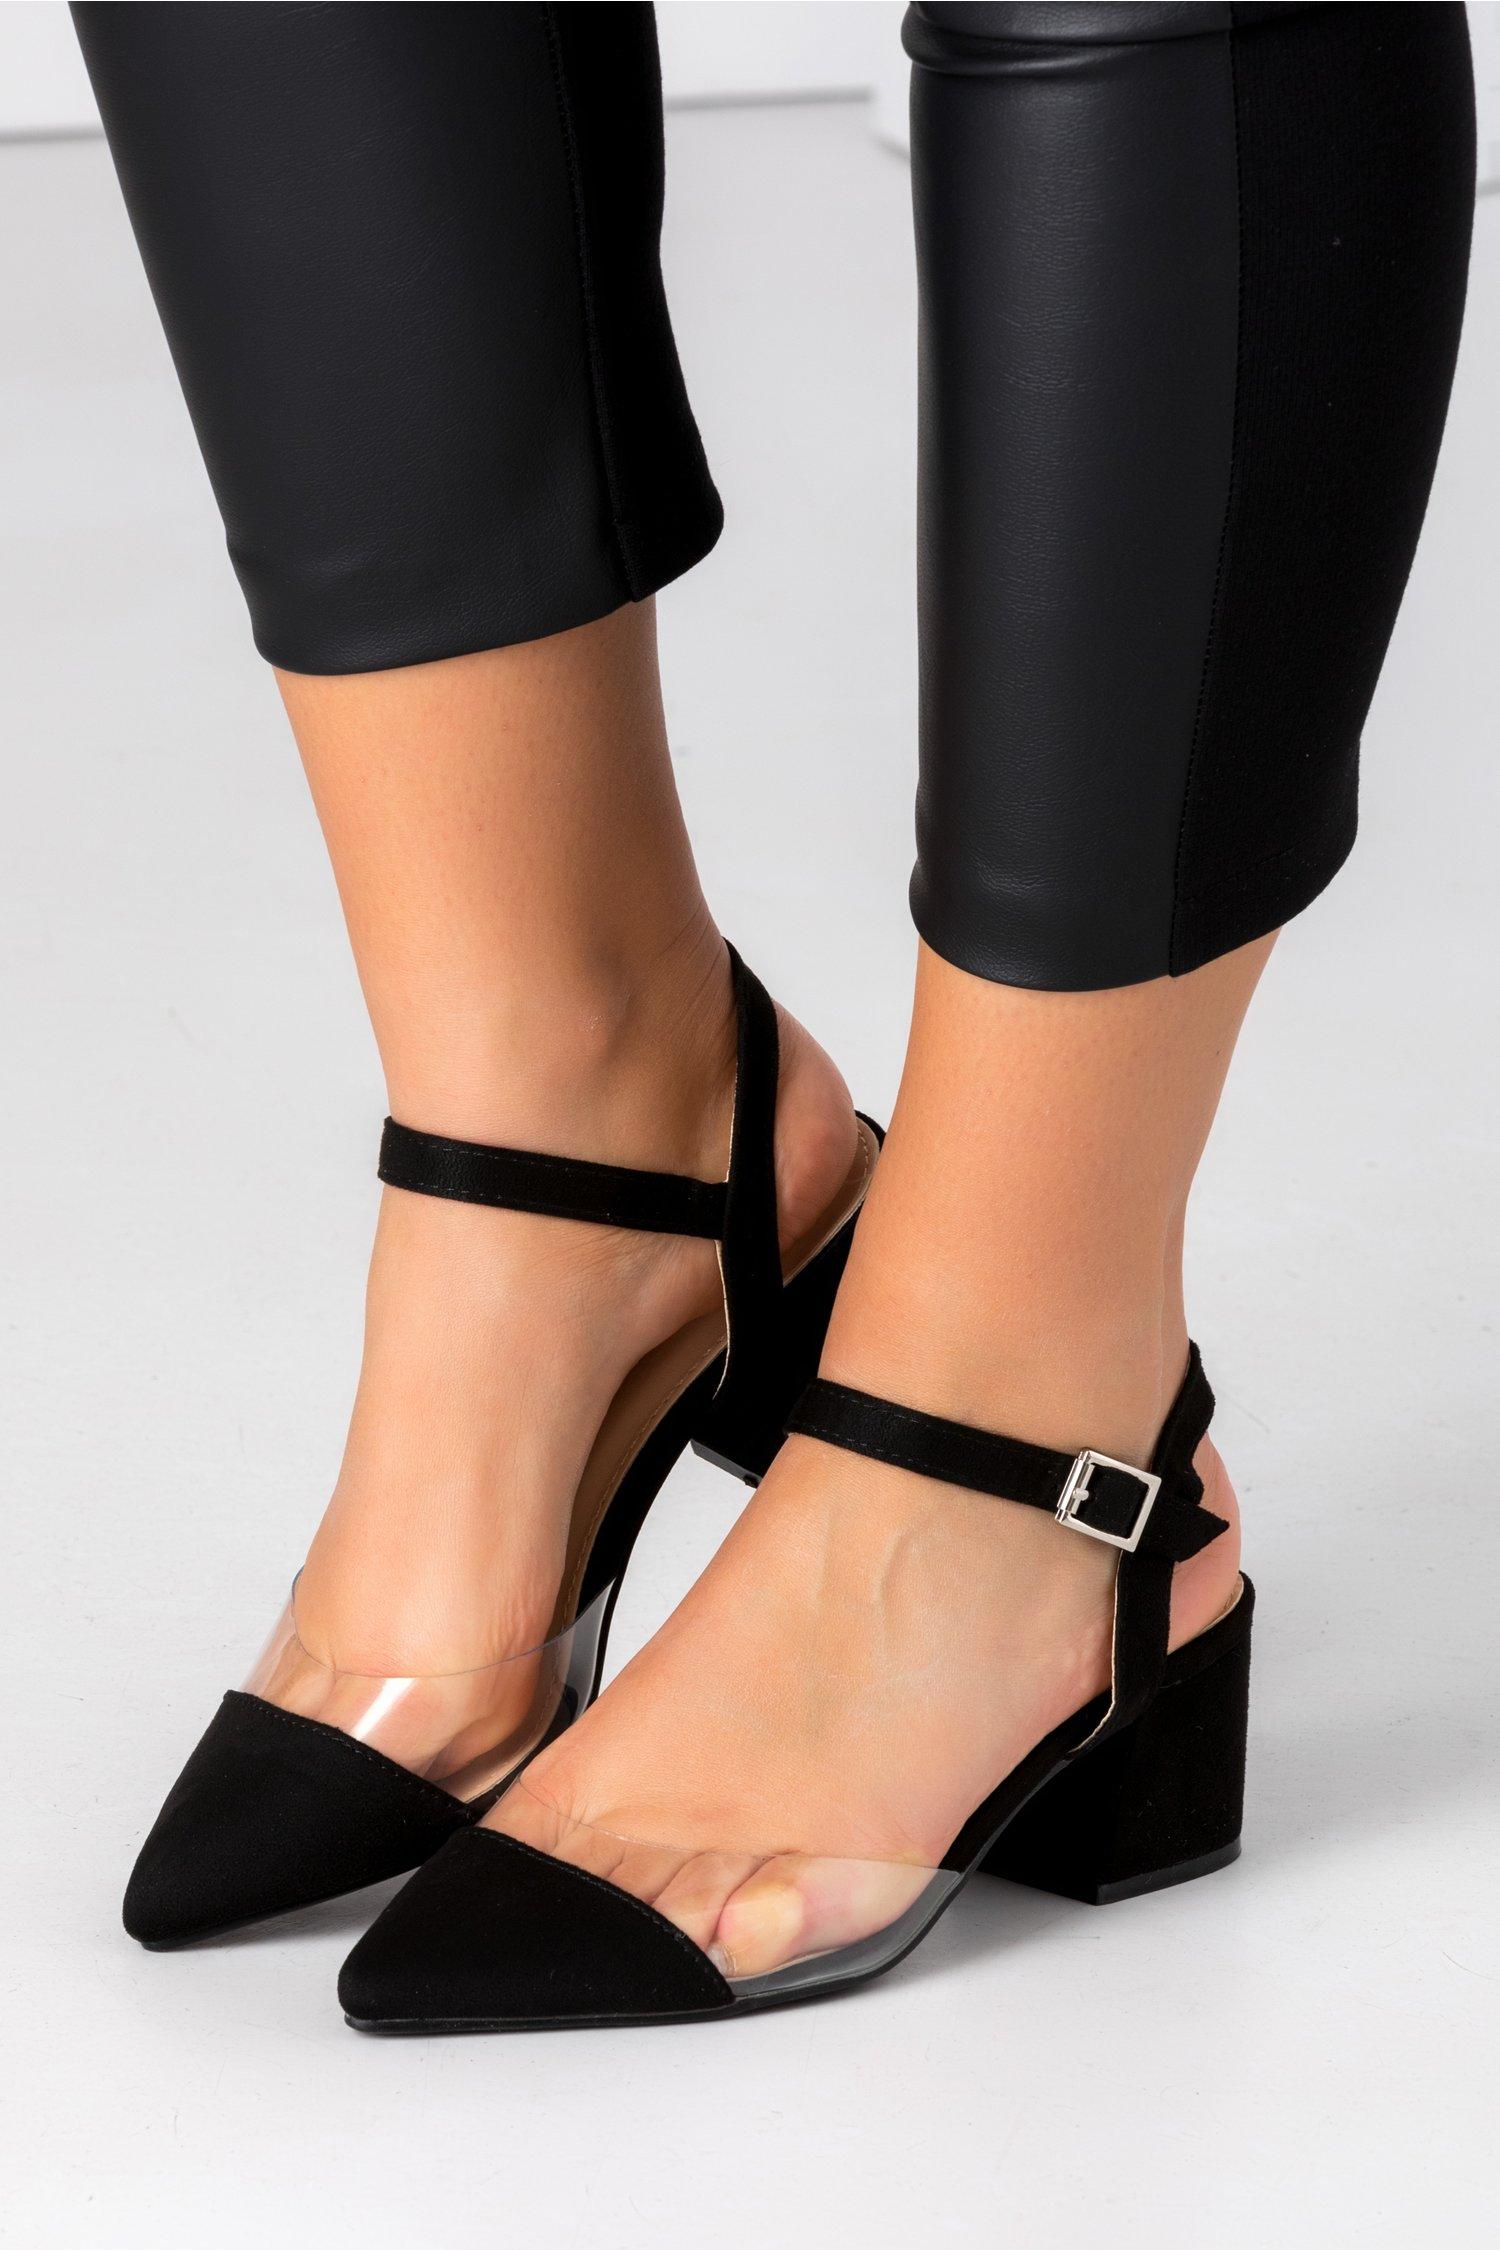 Pantofi Amty negri cu insertie transparenta